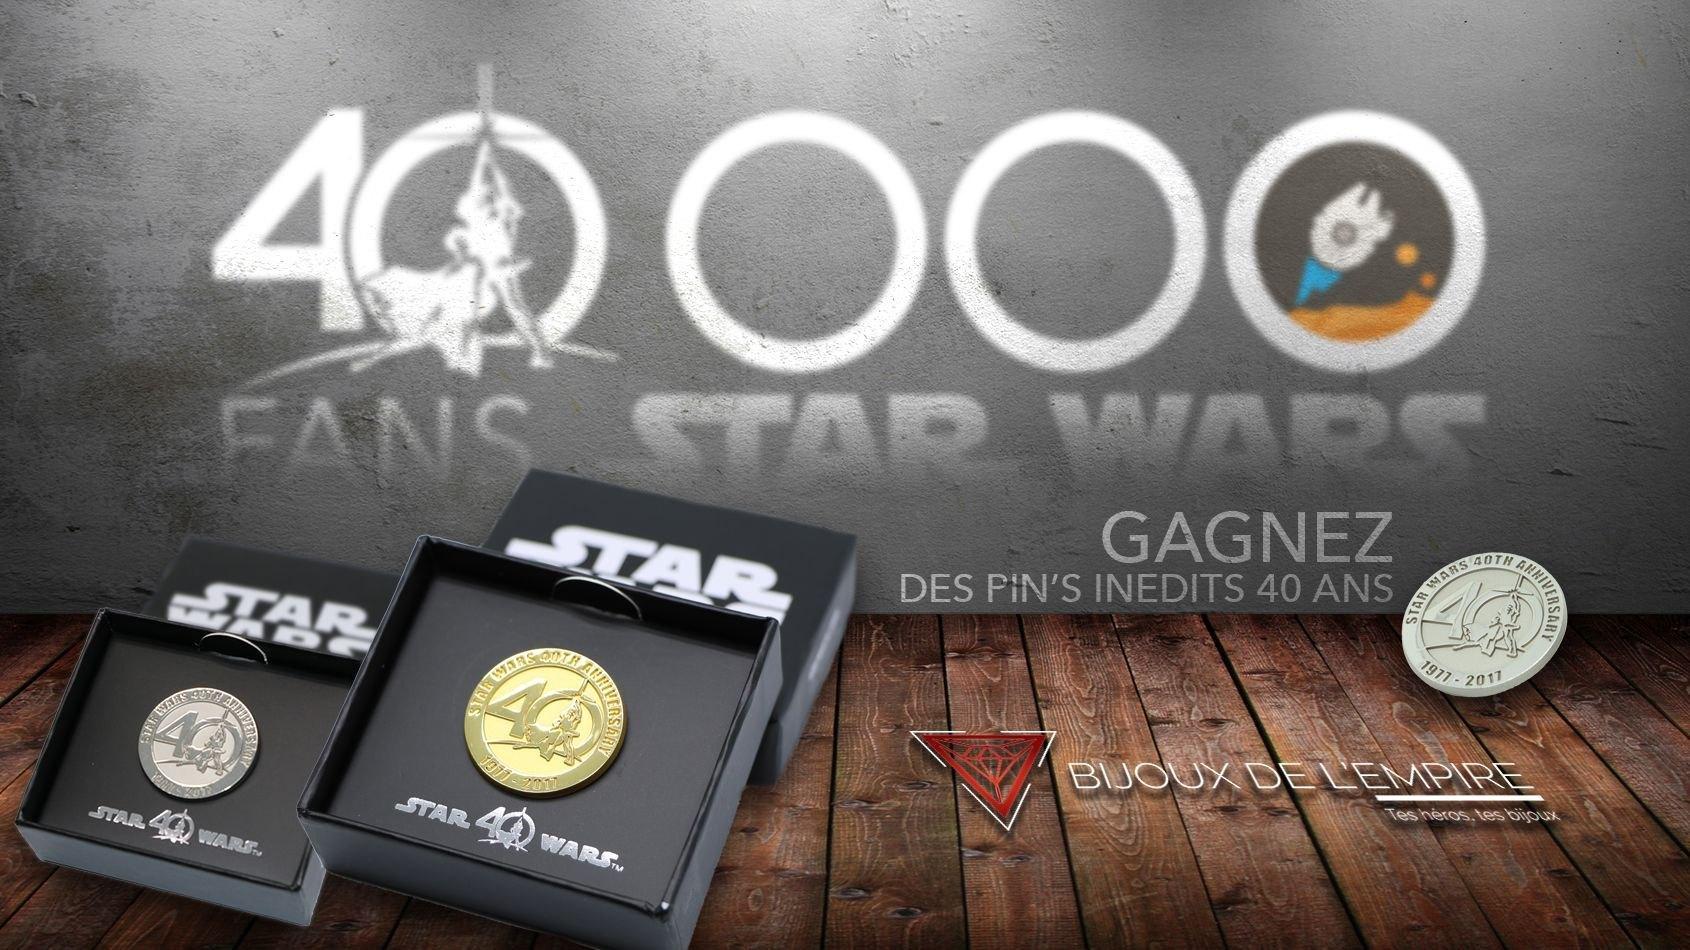 Concours spécial 40 000 fans : gagnez des pin's 40 ans de Star Wars !